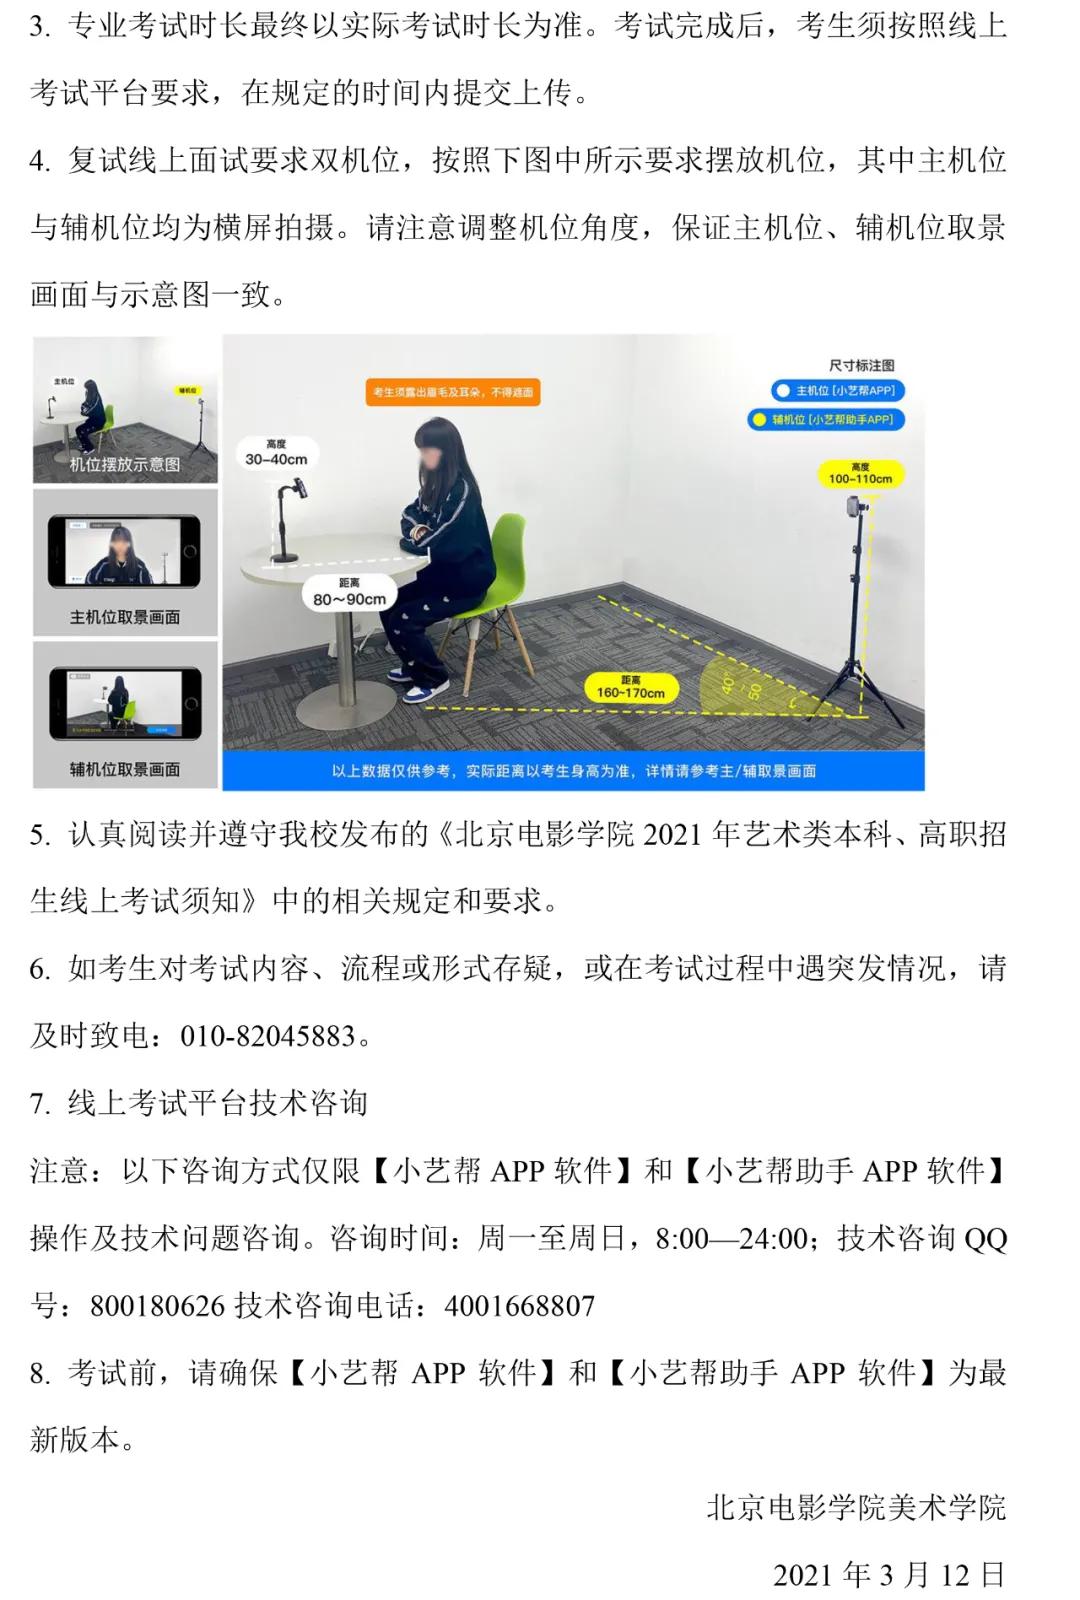 美考资讯,美术学院招生通知,北京电影学院